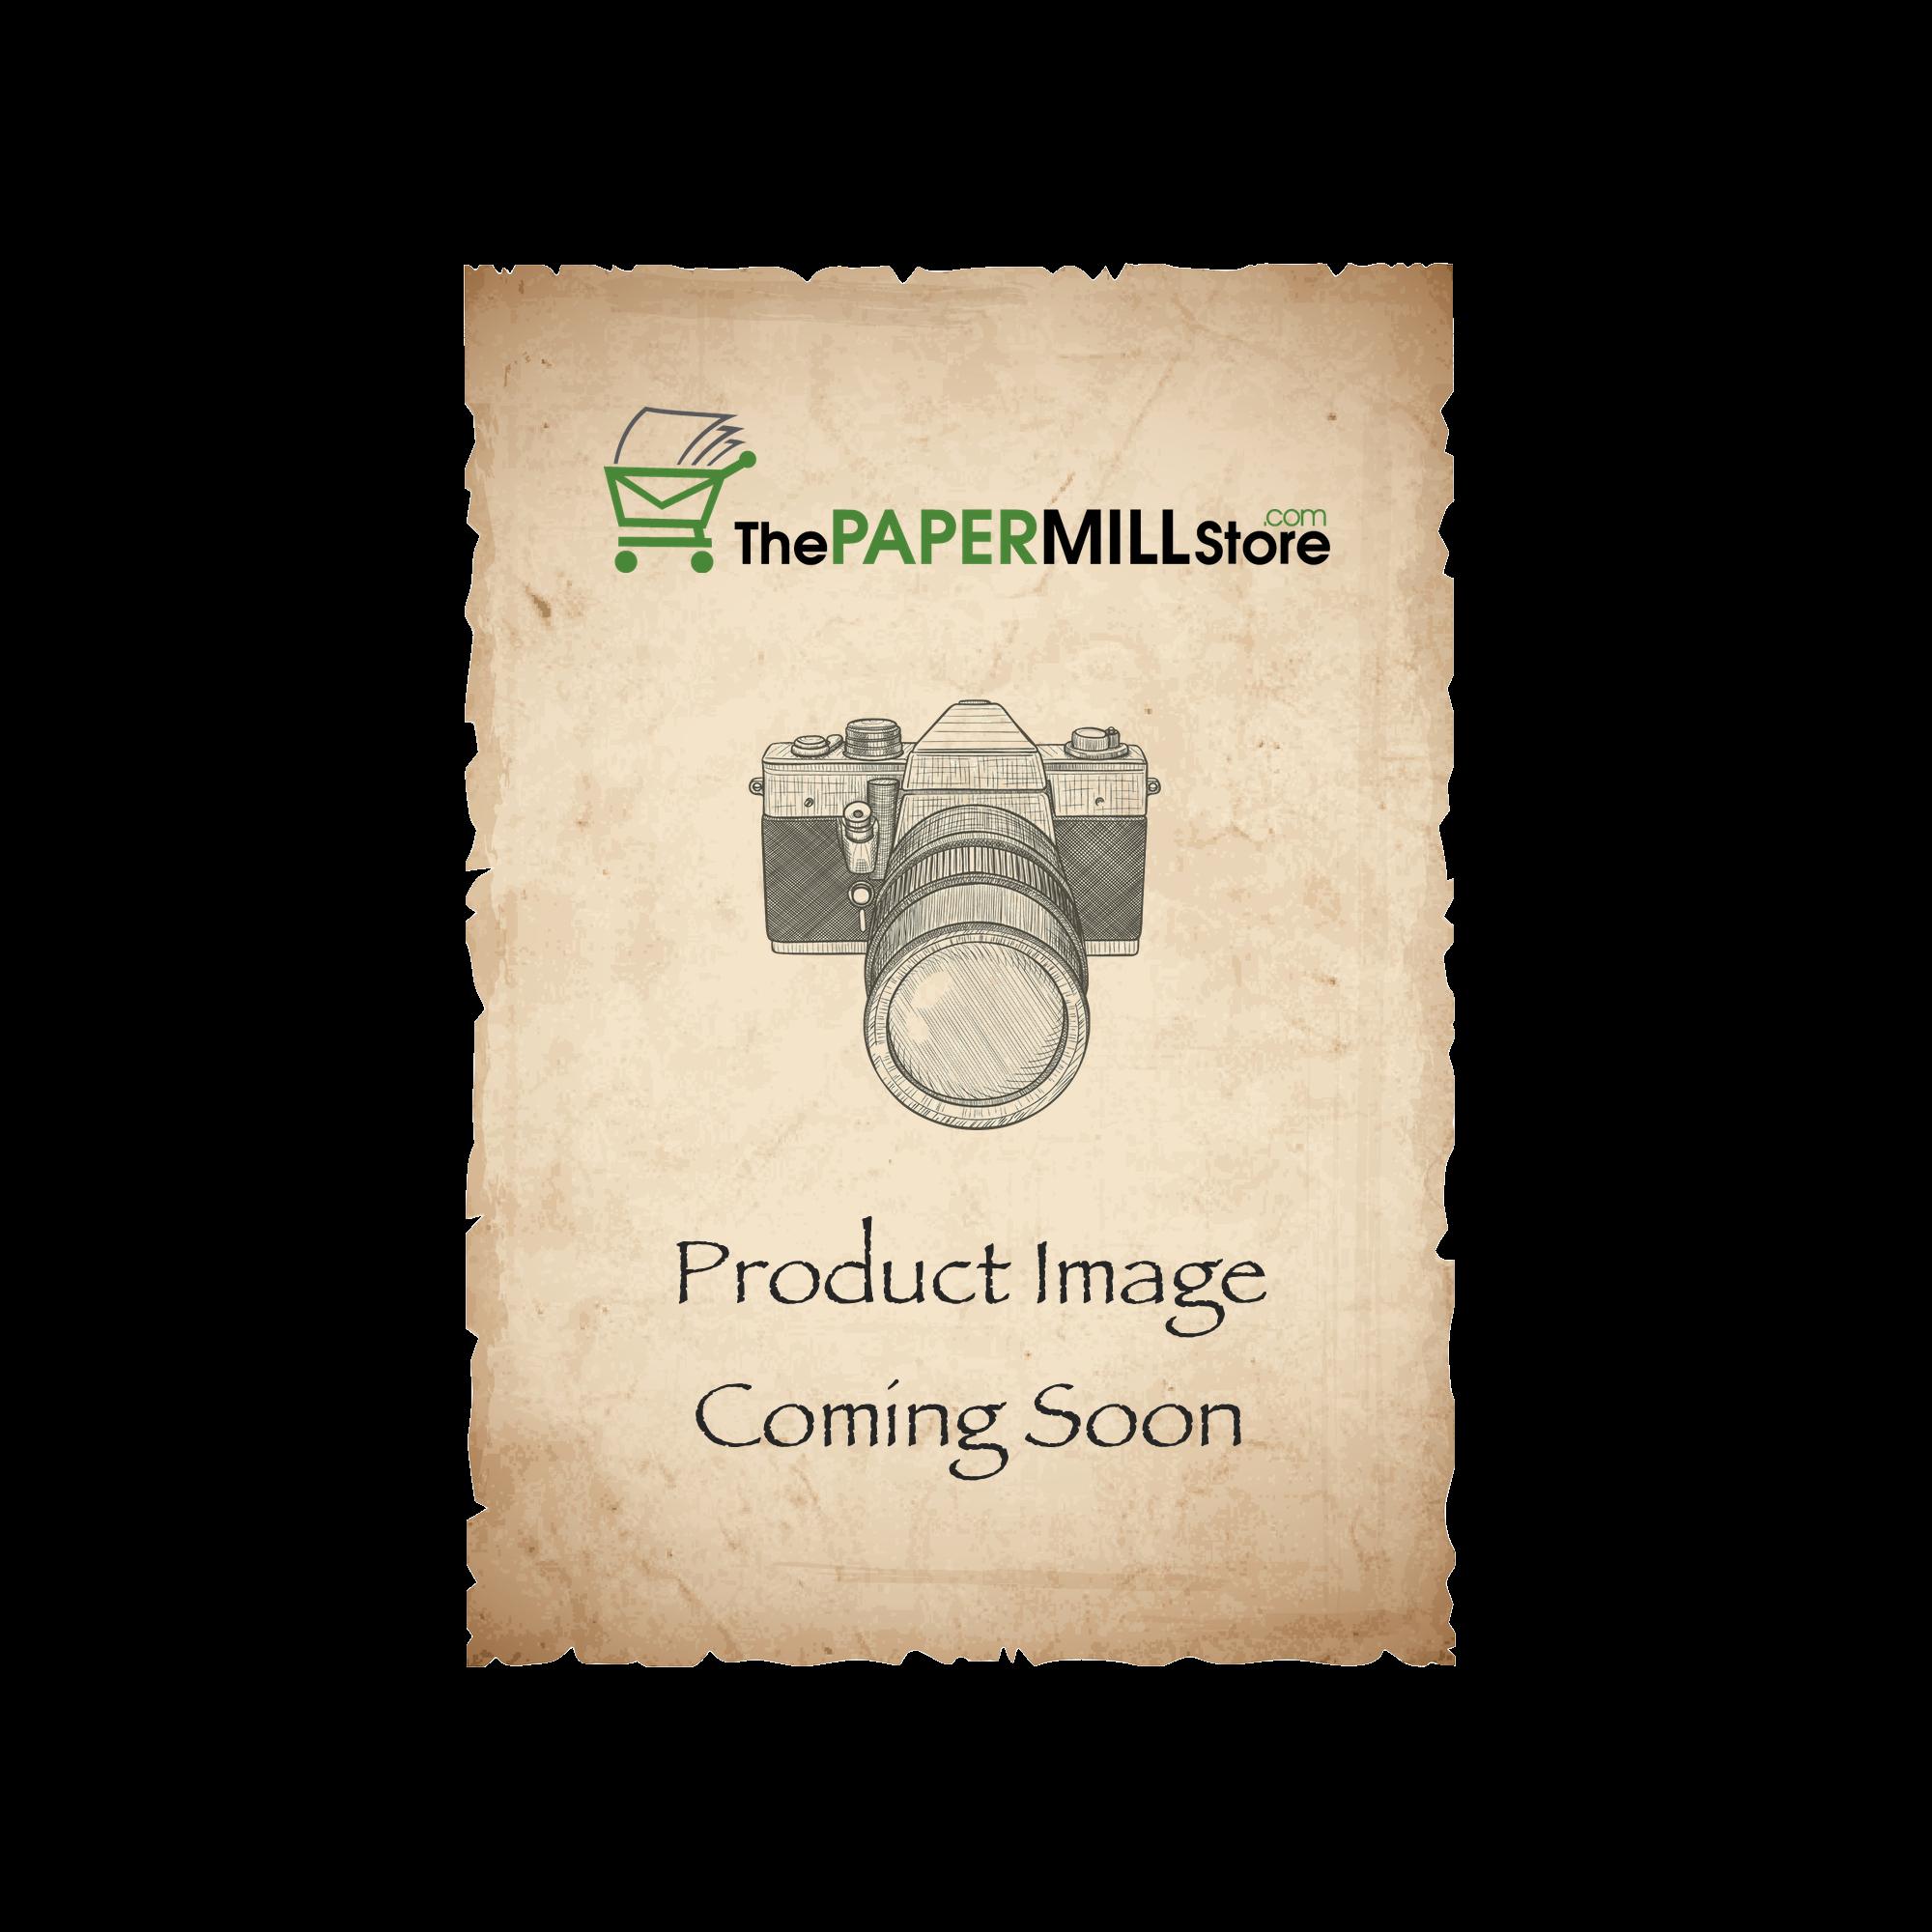 ASPIRE Petallics Autumn Hay Envelopes - No. 6 1/2 Square (6 1/2 x 6 1/2) 80 lb Text Metallic C/2S  250 per Box